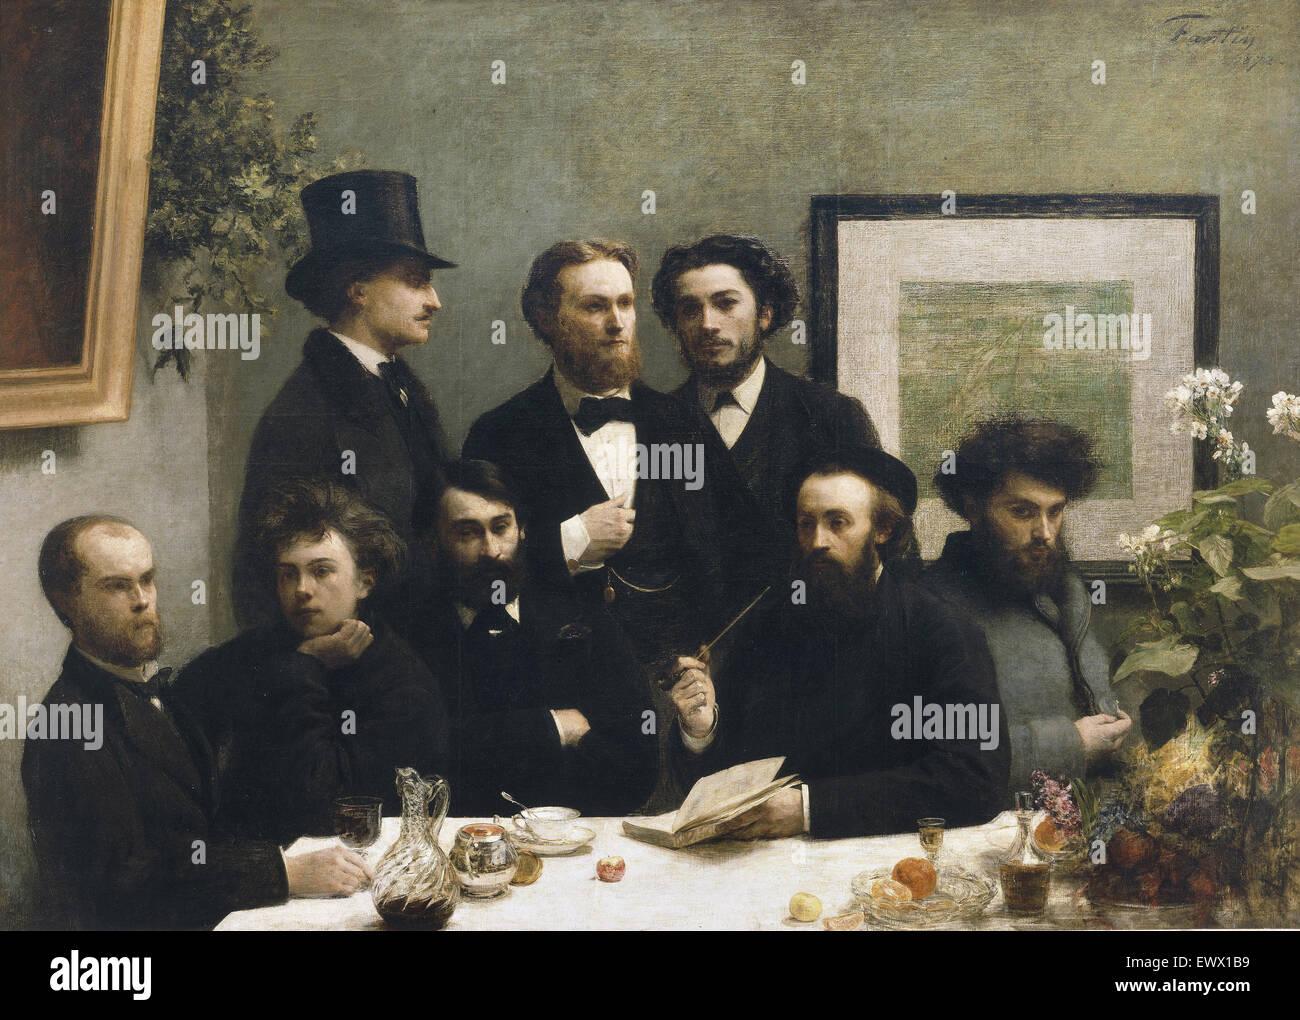 Henri Fantin-Latour, dalla tabella 1872 olio su tela. Musee d'Orsay, Parigi, Francia. Immagini Stock